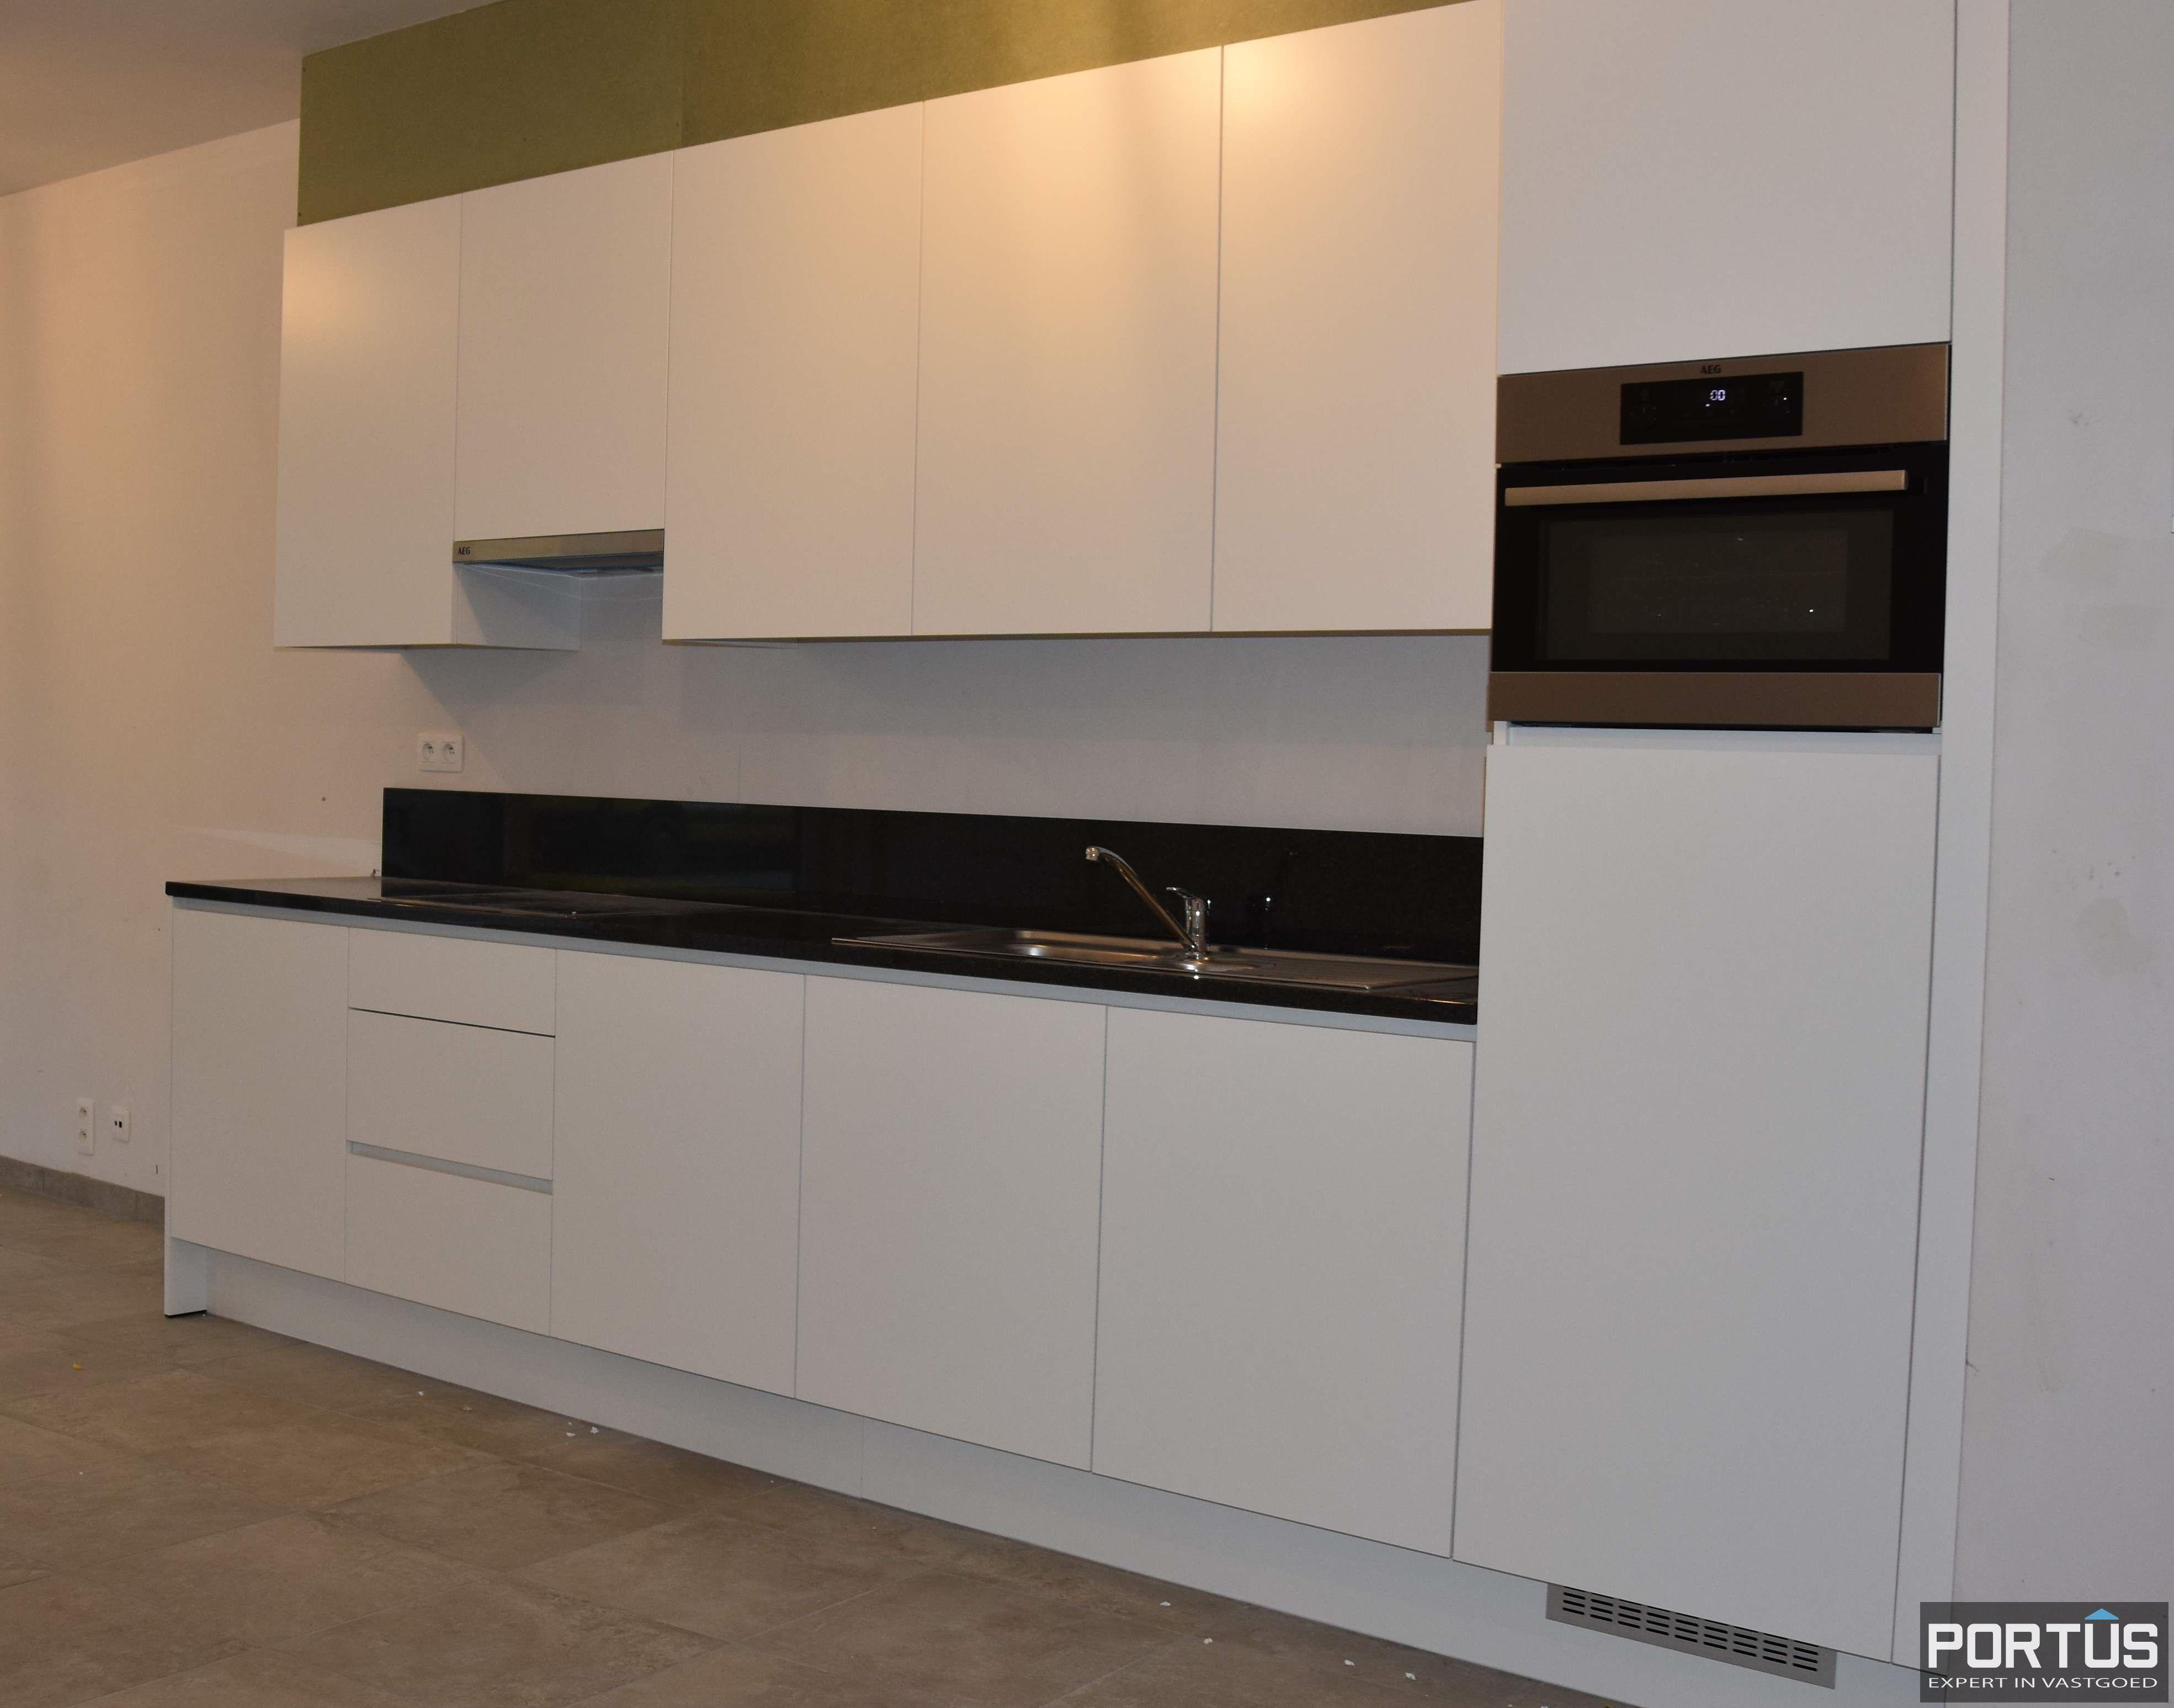 Nieuwbouwappartement met 2 slaapkamers te huur - 11033